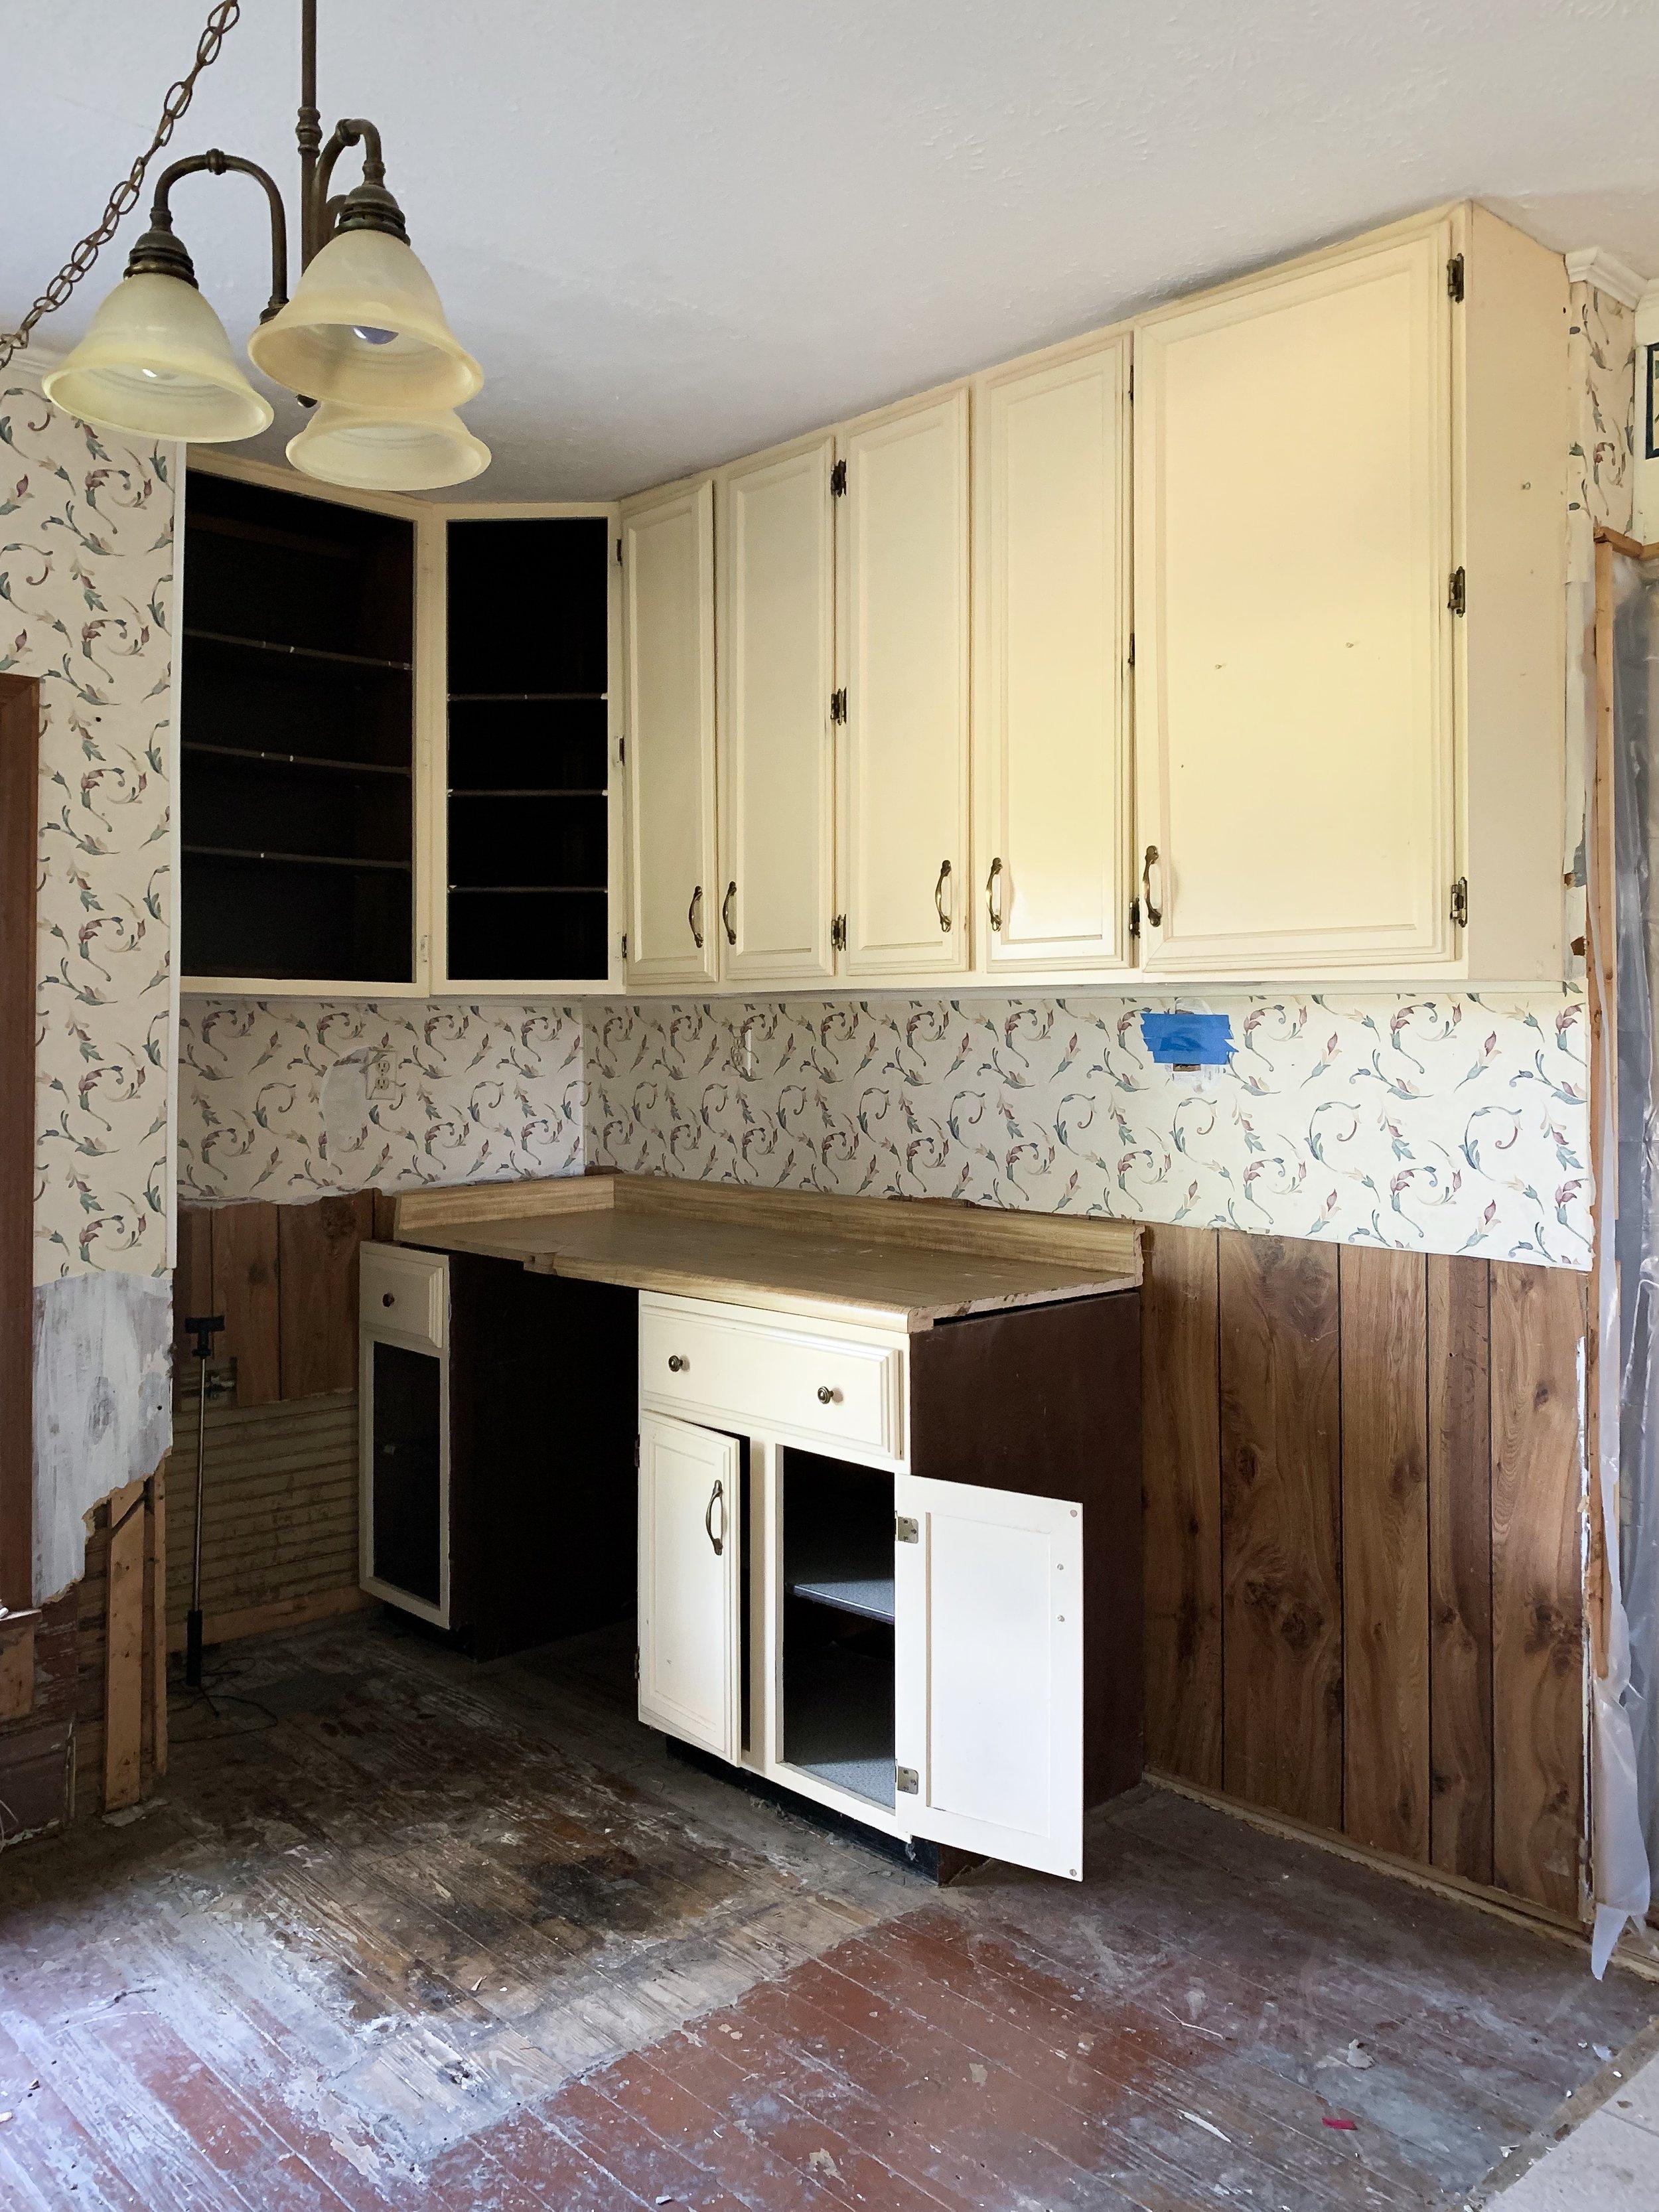 Kitchen corner before